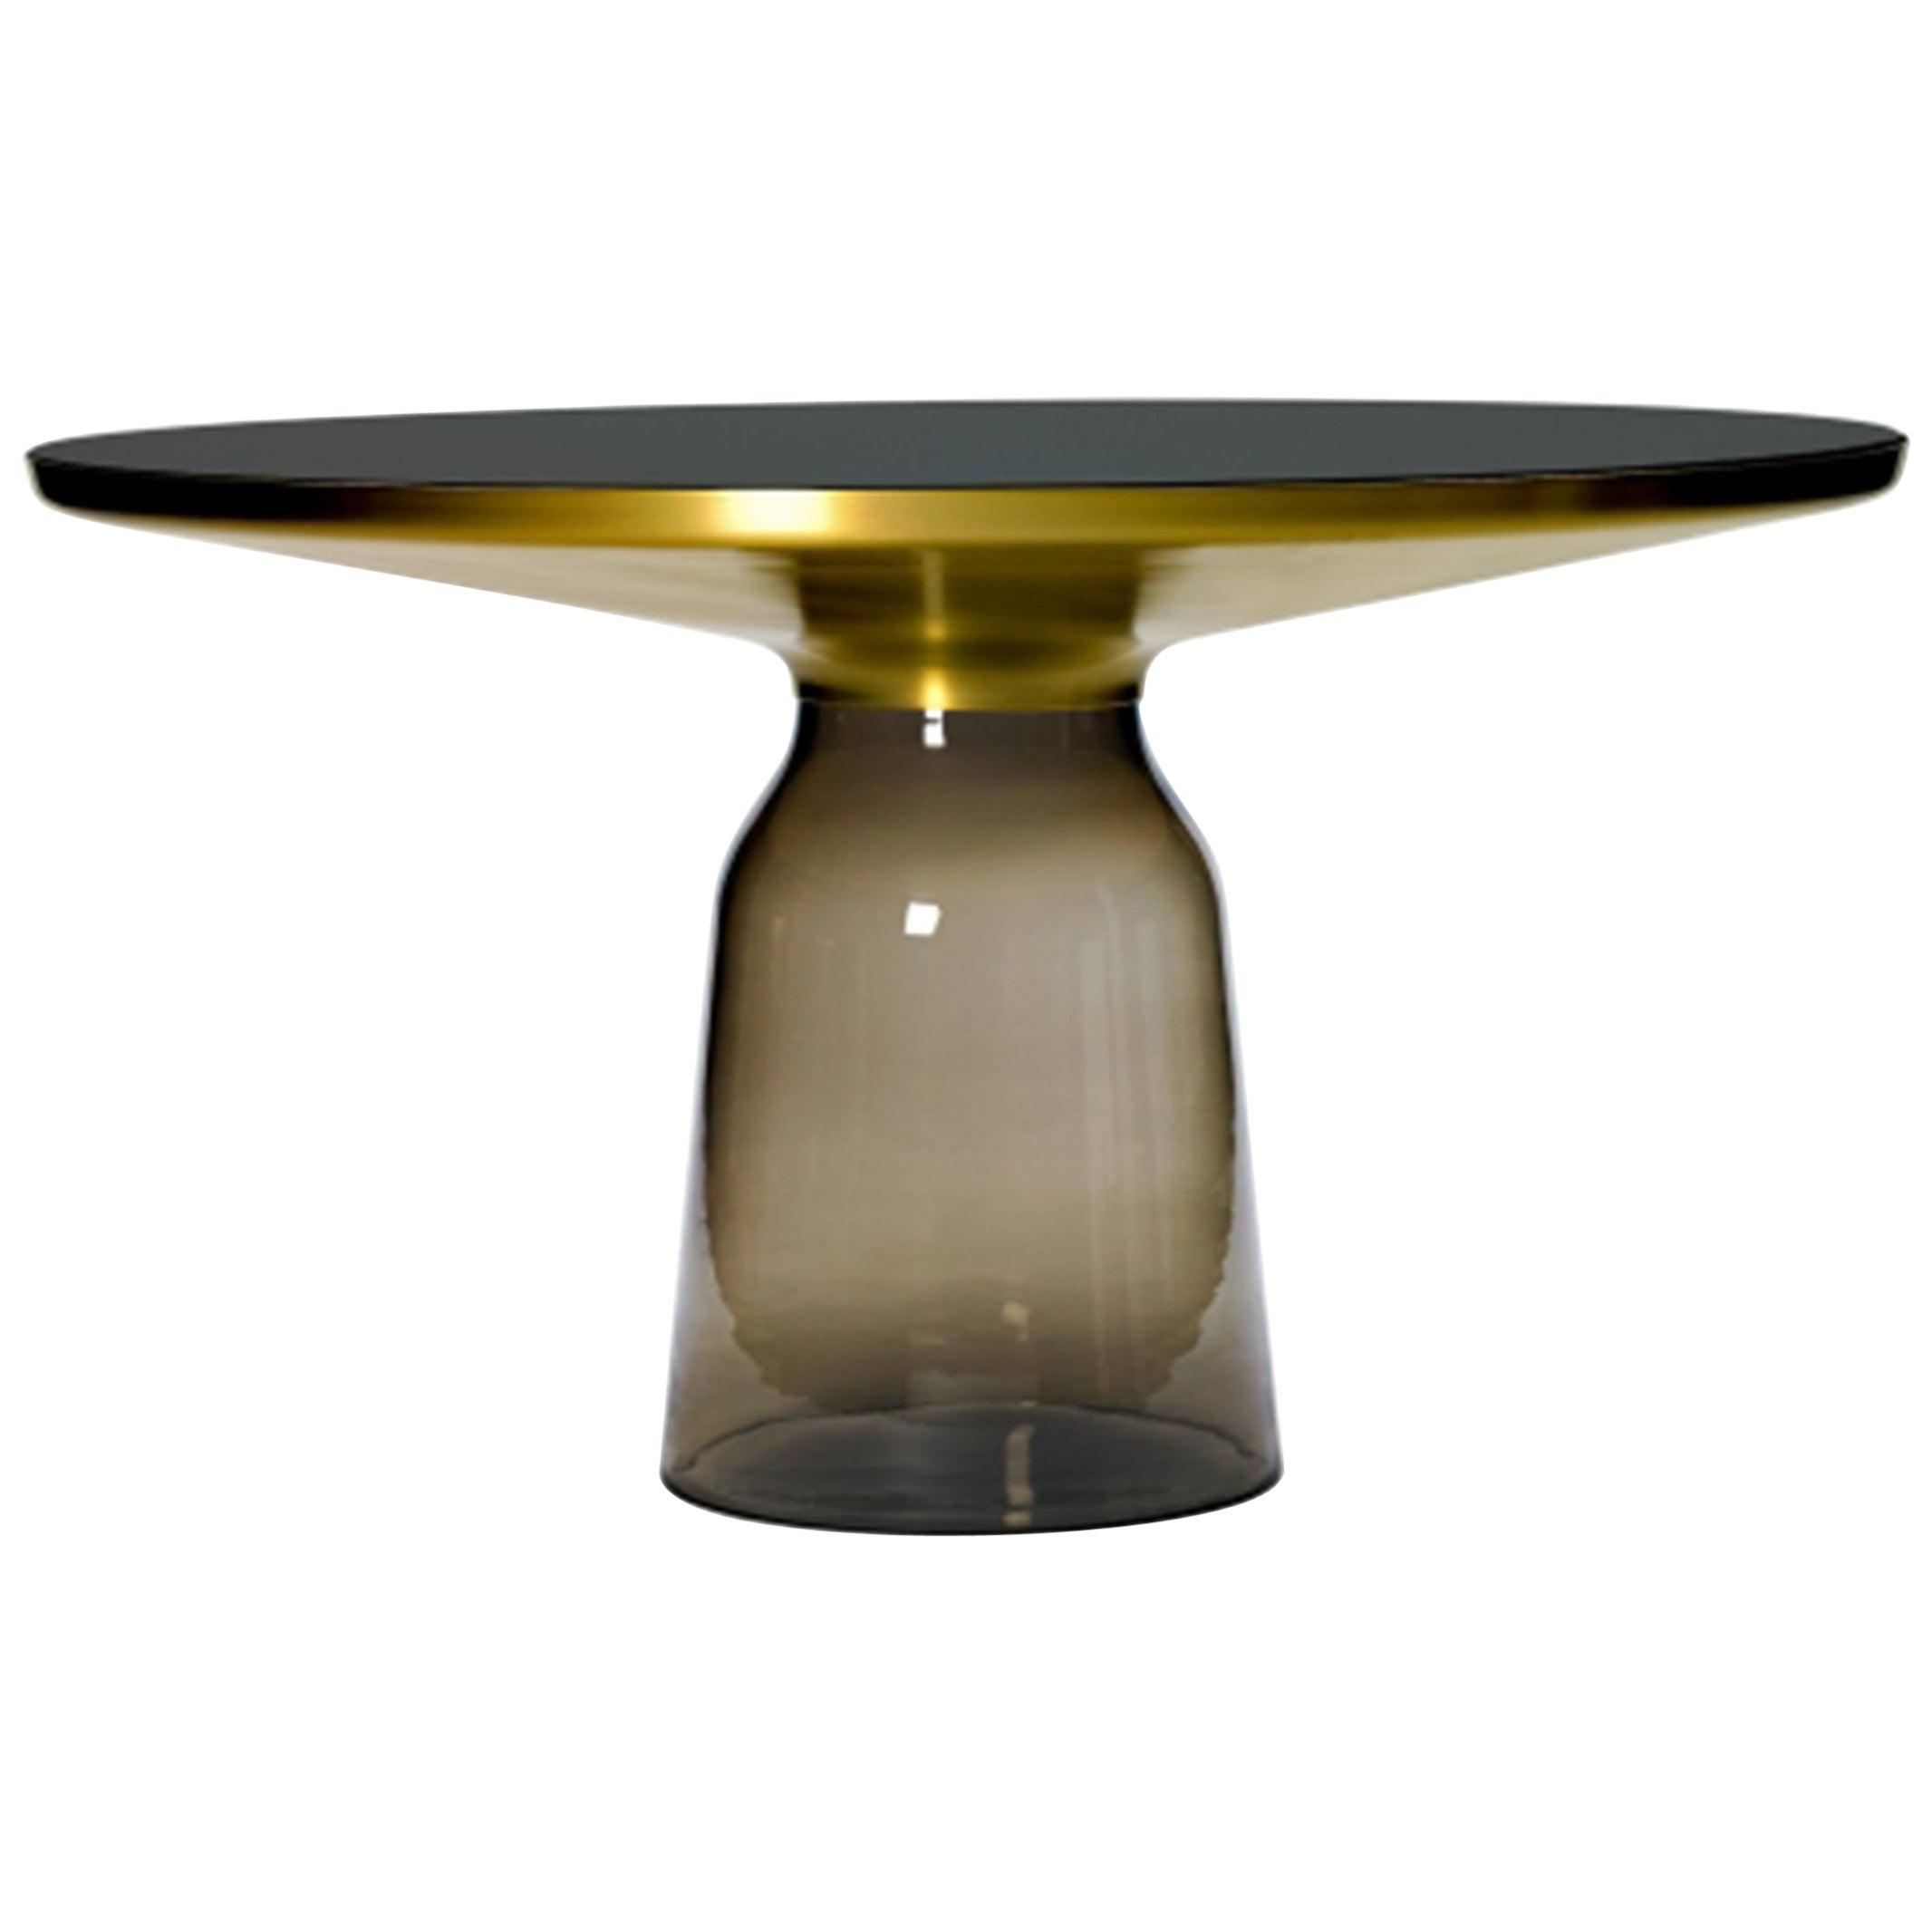 ClassiCon Quartz Grey Bell High Table by Sebastian Herkner